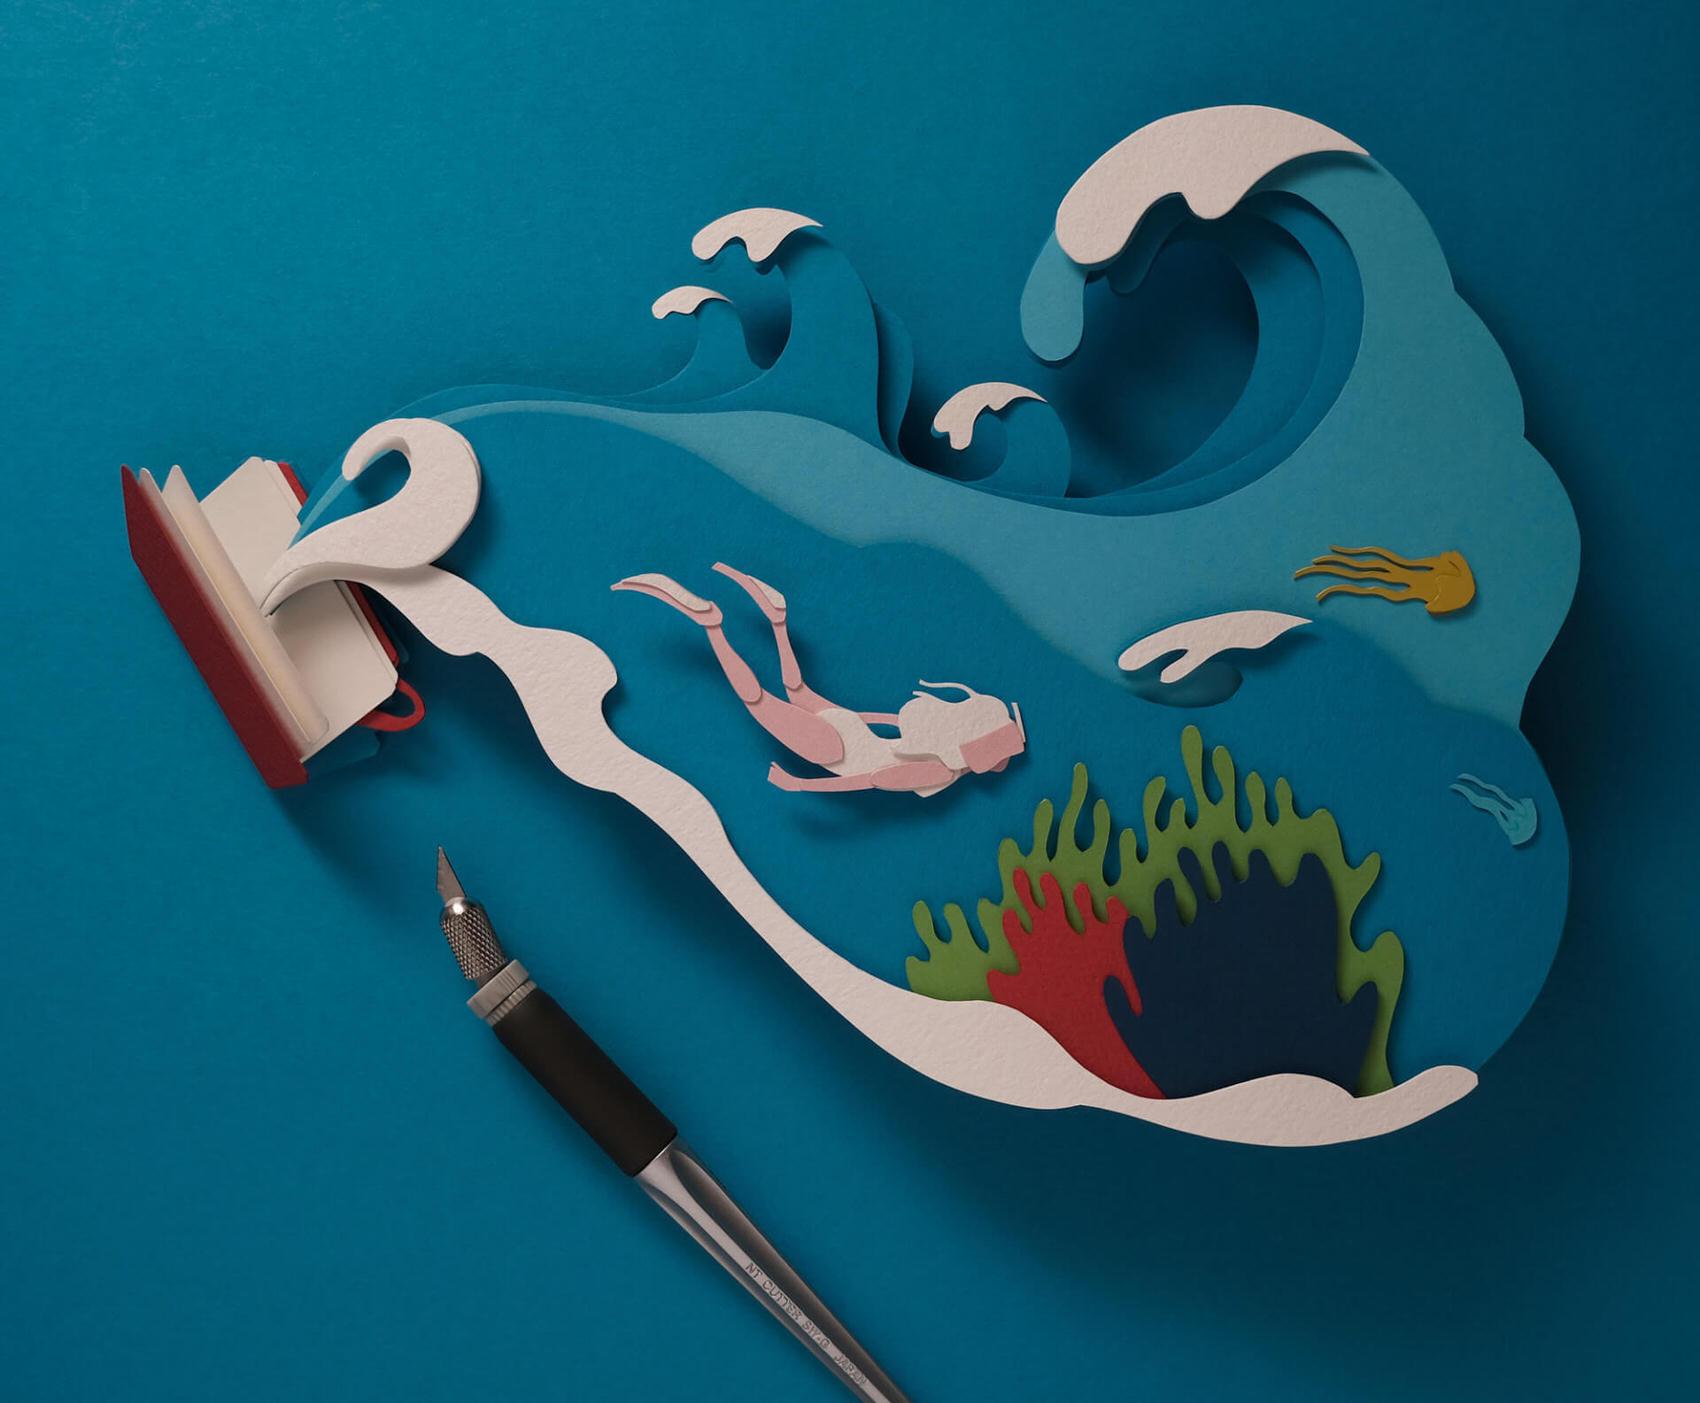 Scherenschnitte – Paper-cutting